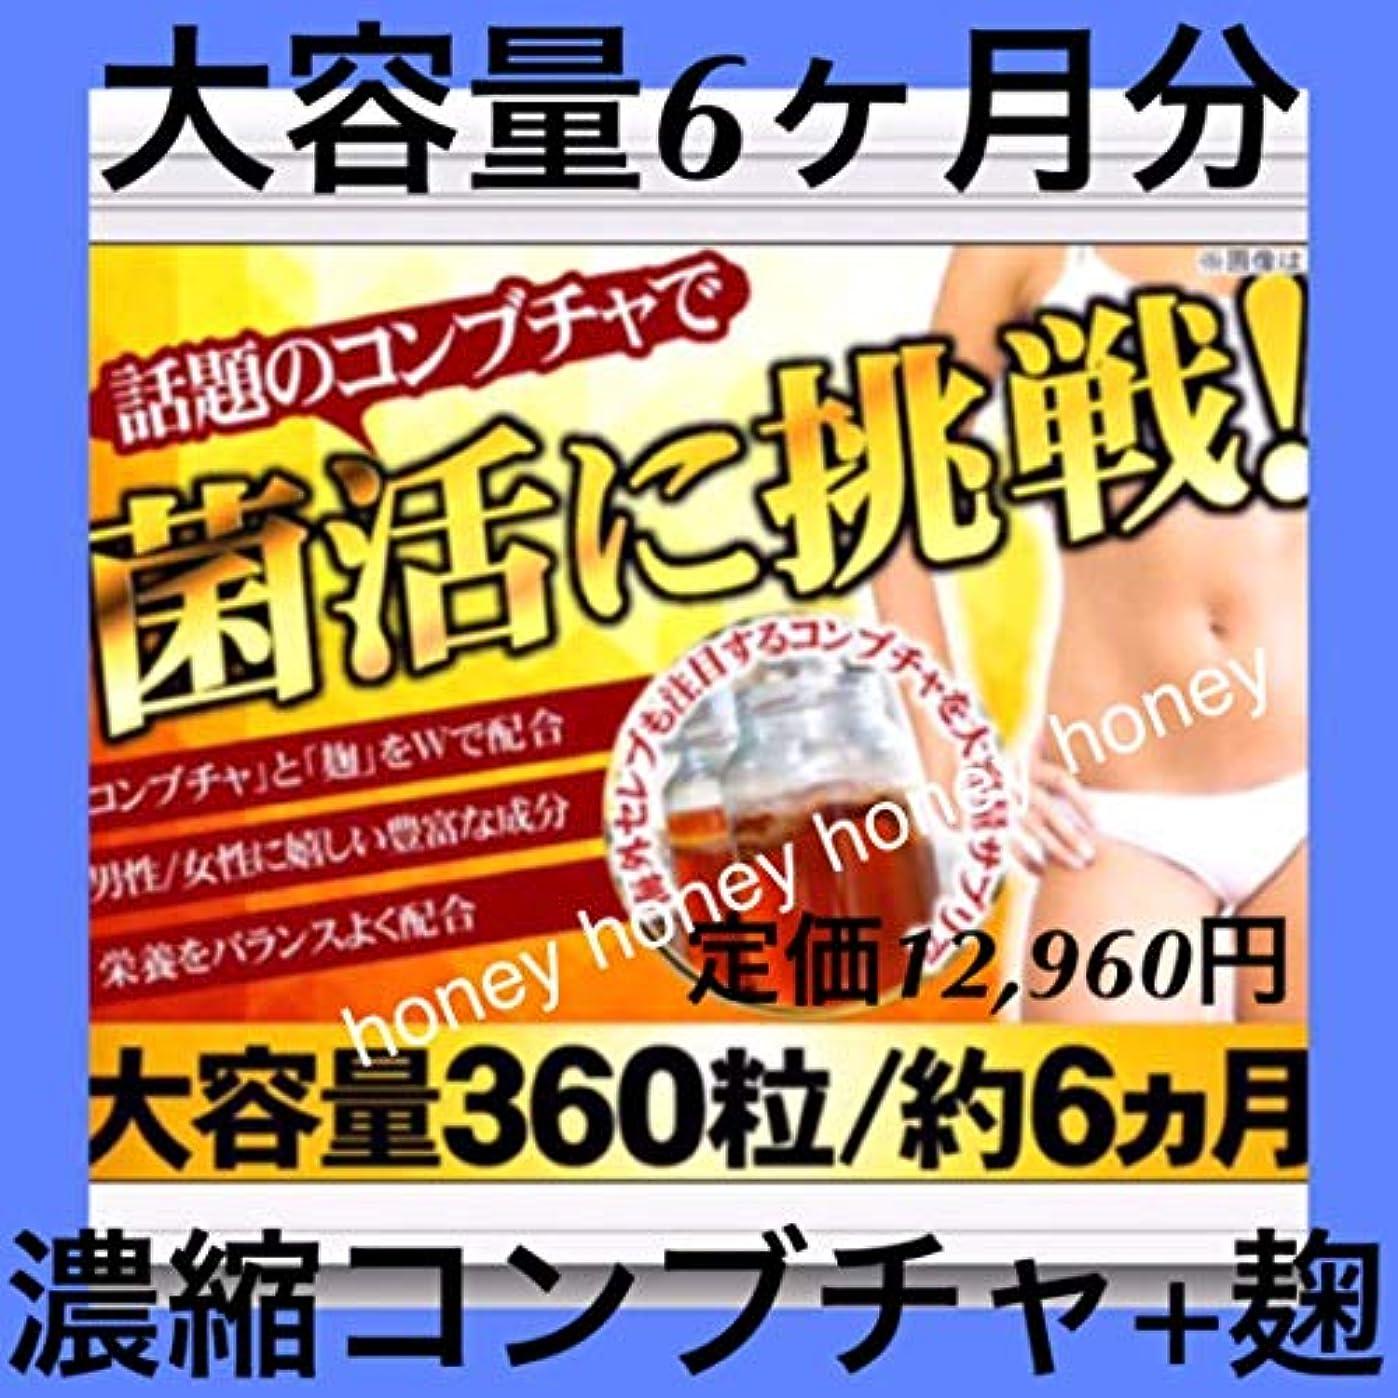 許可ラリー赤外線大容量6ヶ月定価12,960円??濃縮コンブチャ菌活スリム ダイエット??